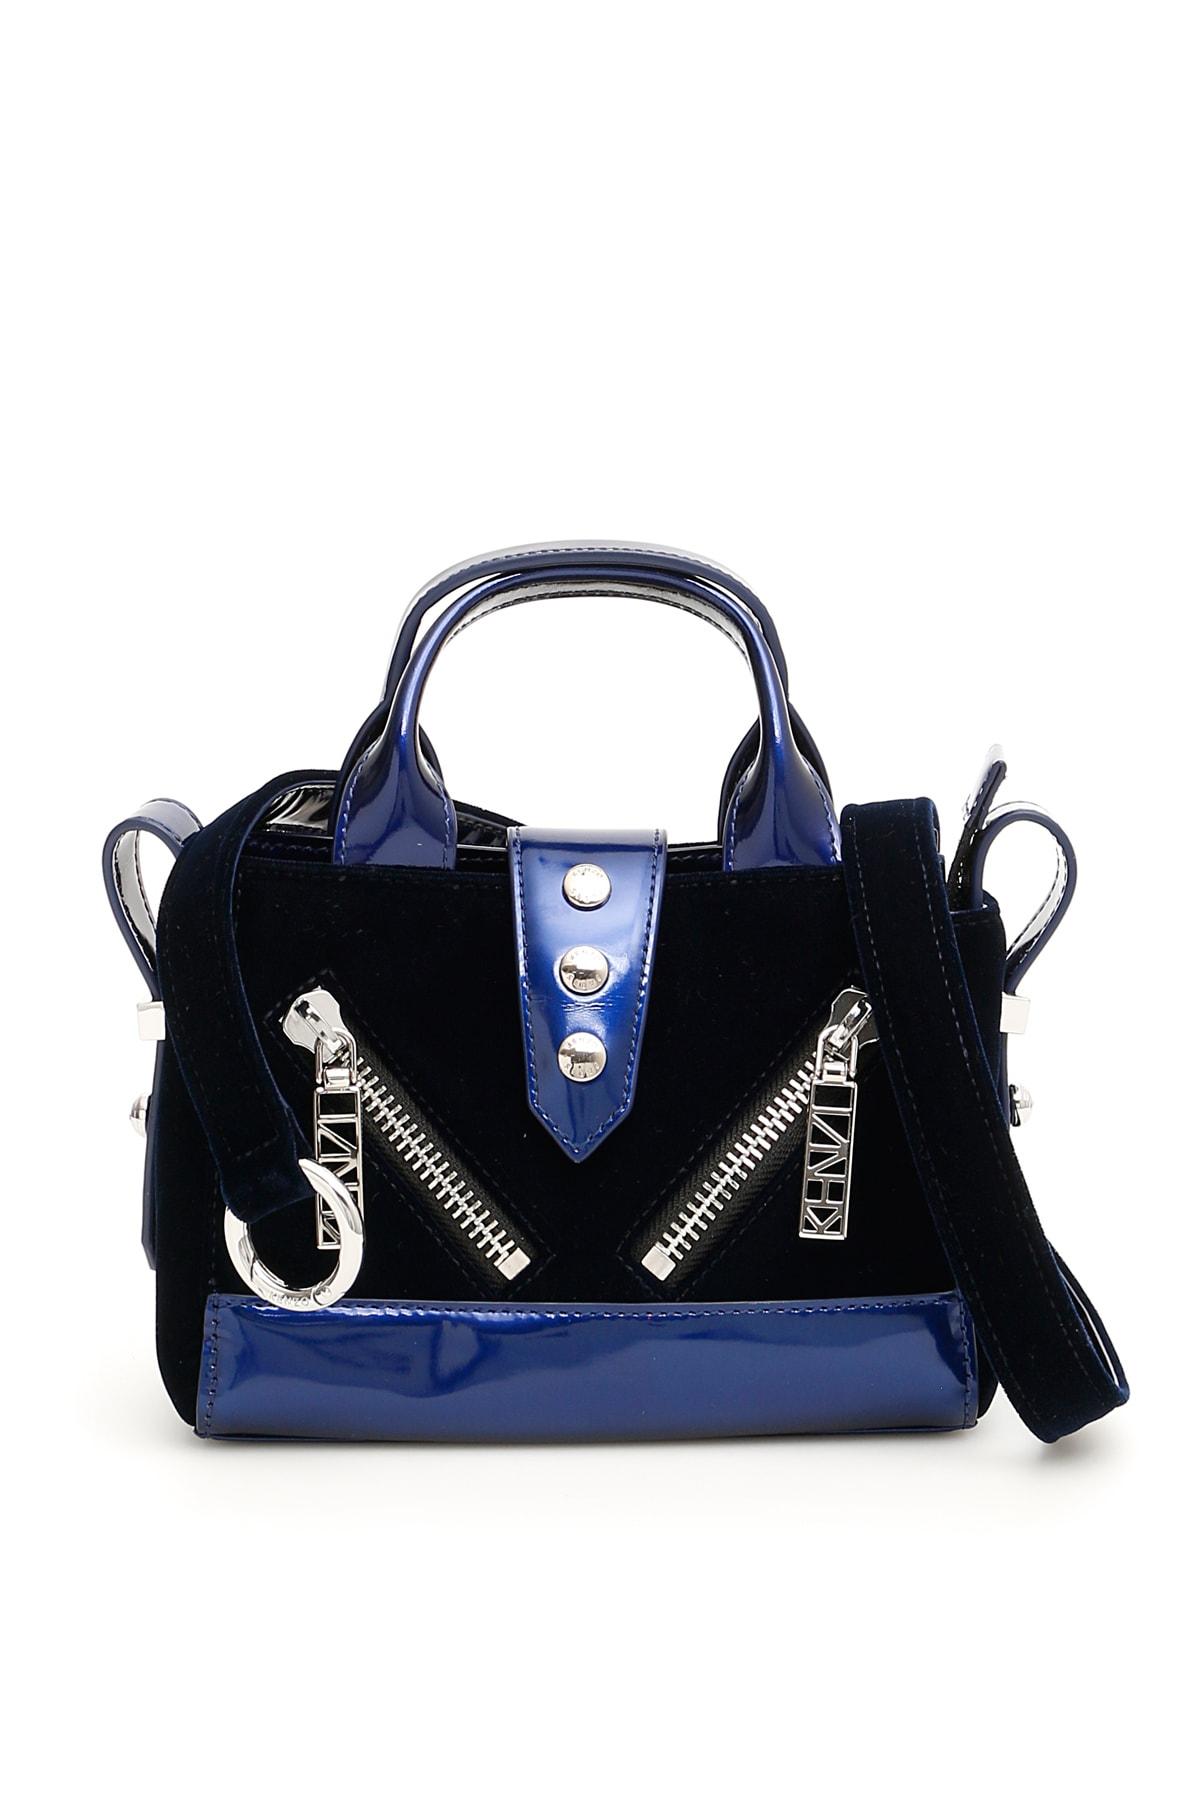 982d338bc Kenzo Kenzo Kalifornia Mini Bag - BLEU NUIT (Blue) - 10769836 | italist